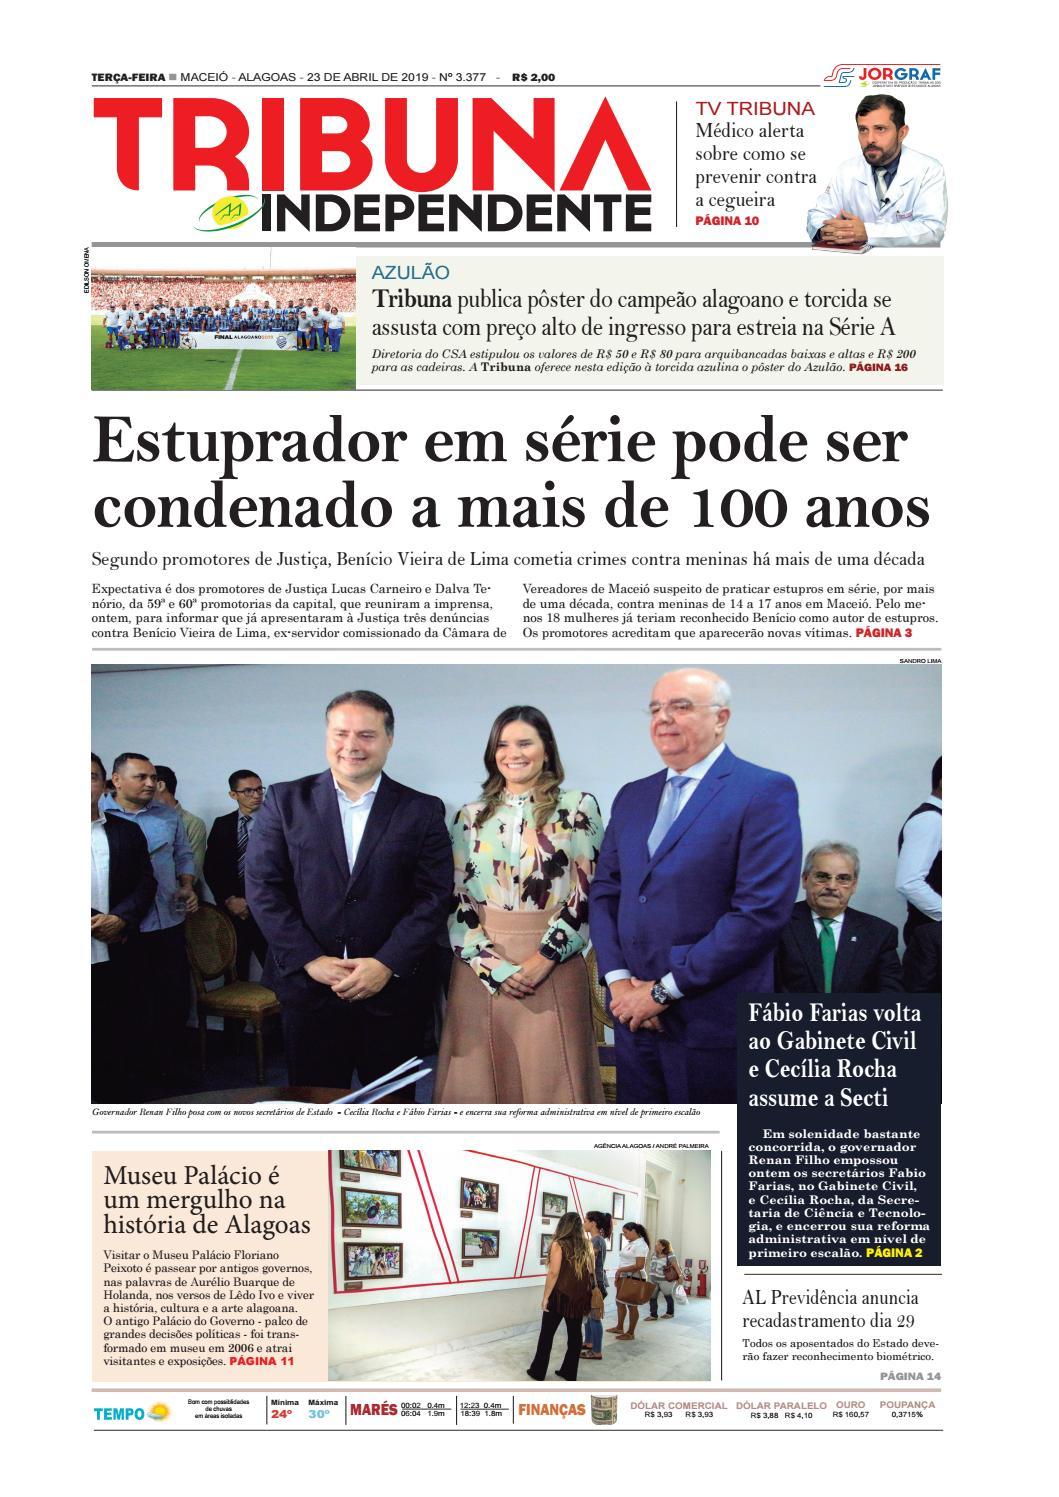 38b33aa6f Edição número 3377 - 23 de abril de 2019 by Tribuna Hoje - issuu